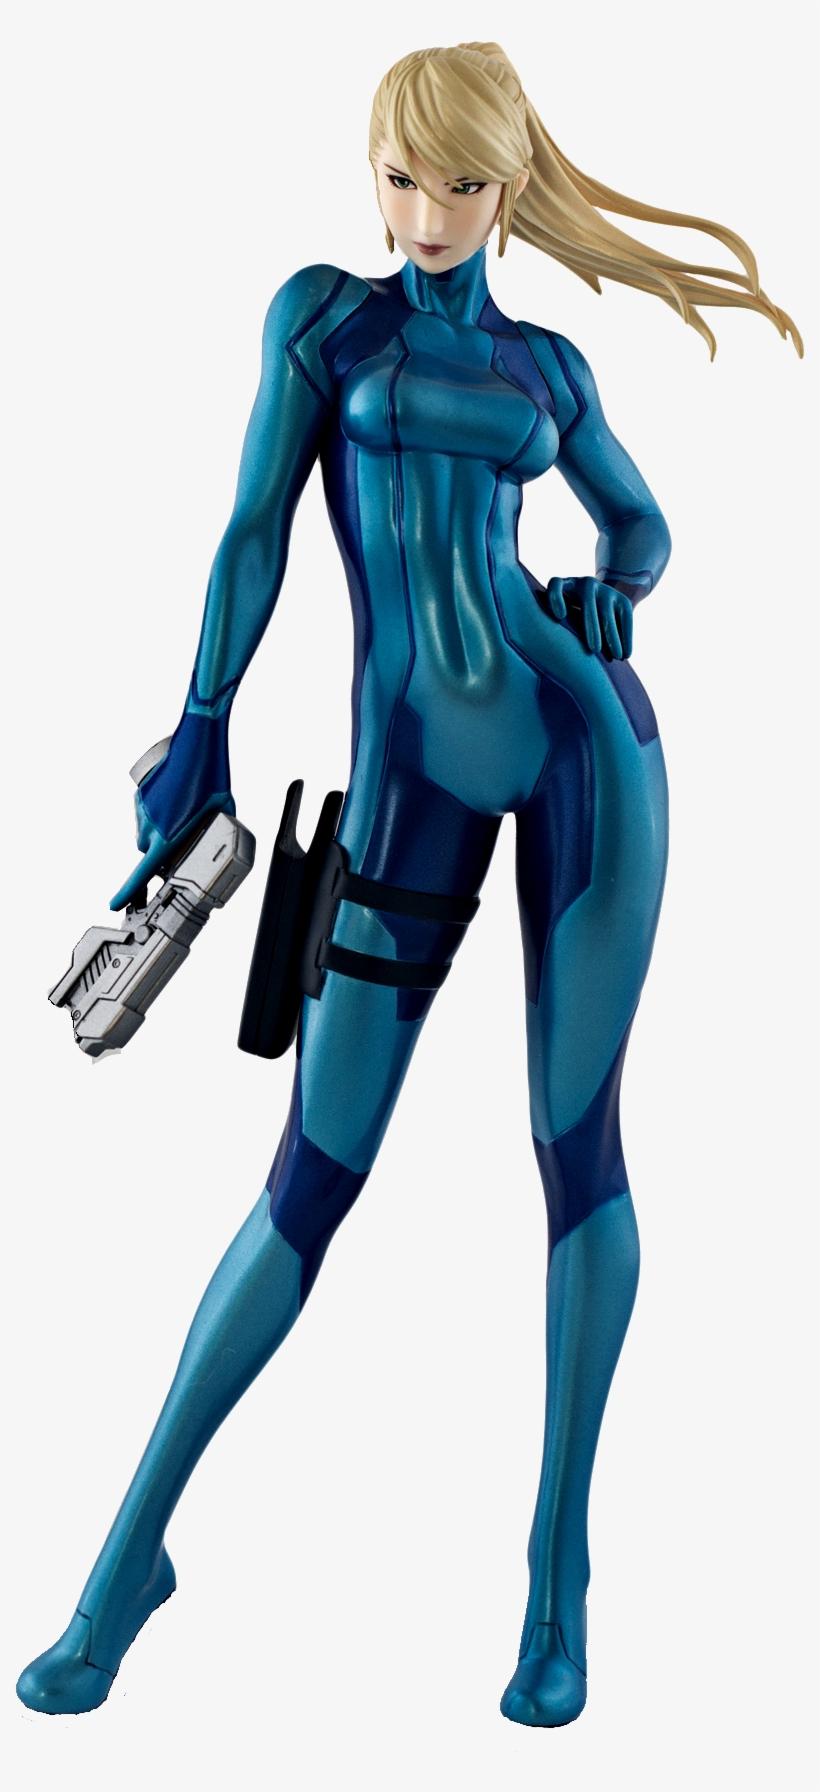 Zero Suit Samus Zero Suit Samus Ssb4.